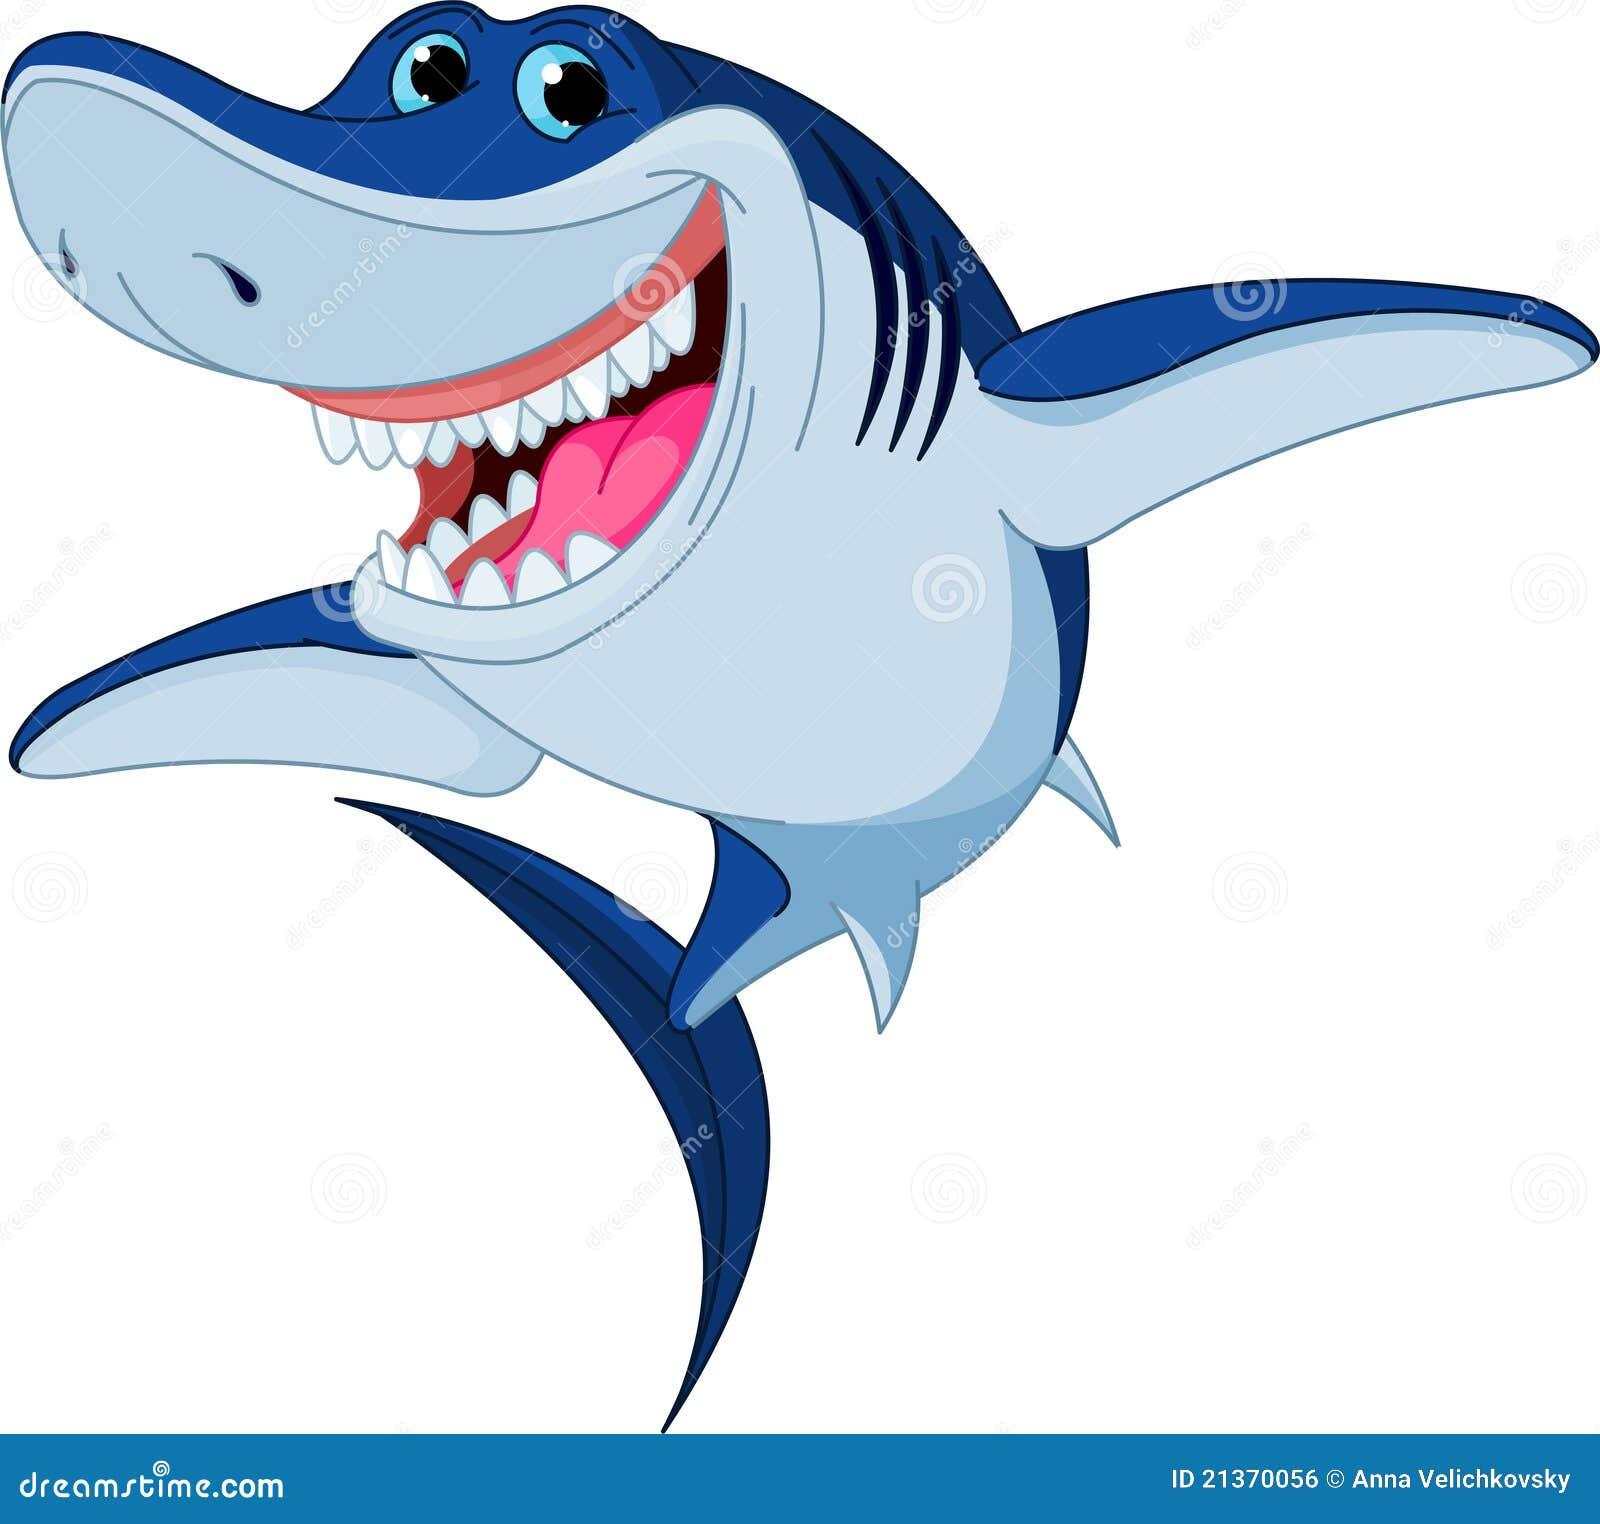 Cartoon Funny Shark Royalty Free Stock Image - Image: 21370056